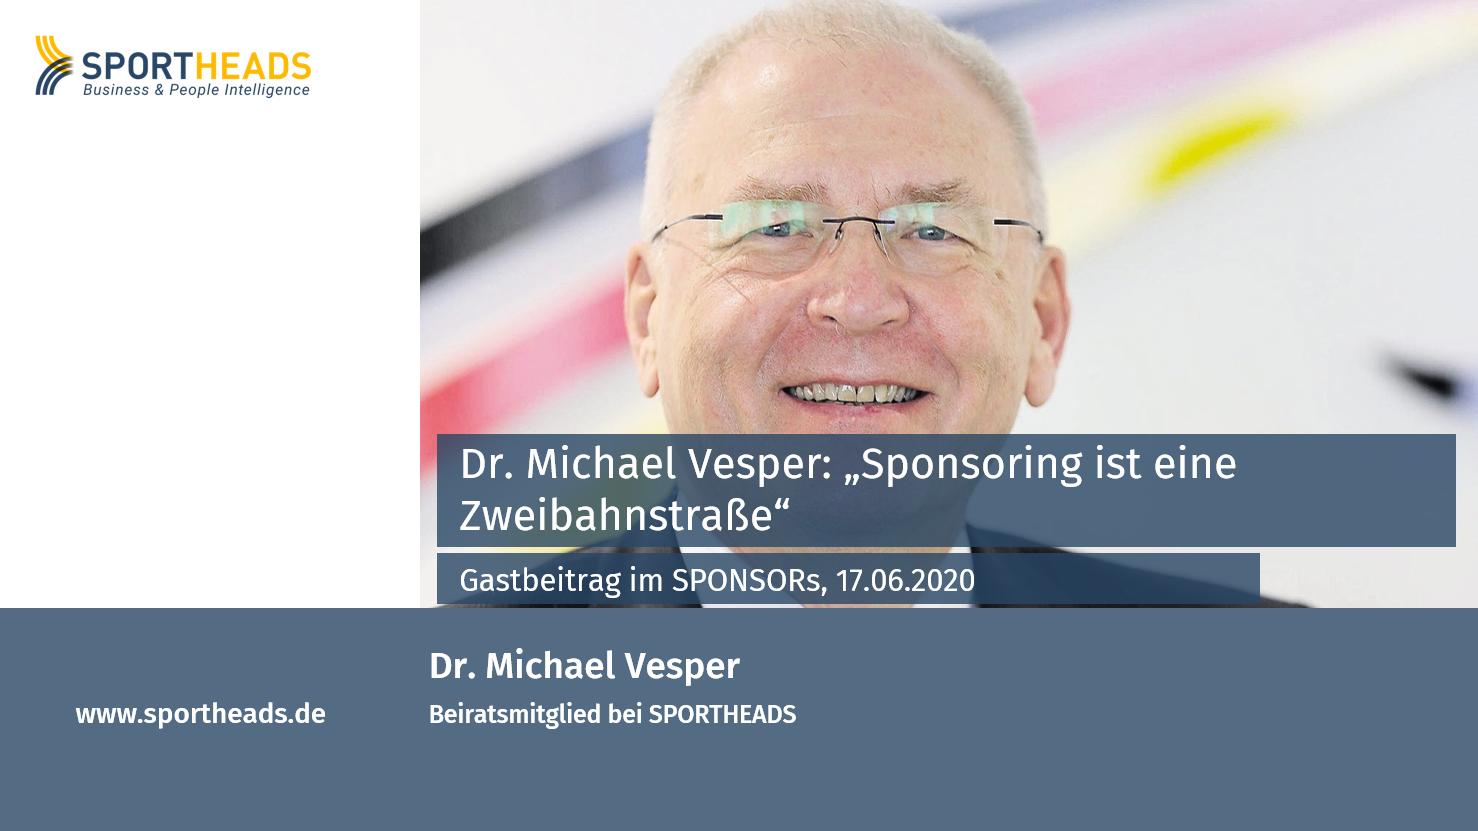 Unser Beiratsmitglied Dr. Michael Vesper im Interview mit SPONSORs